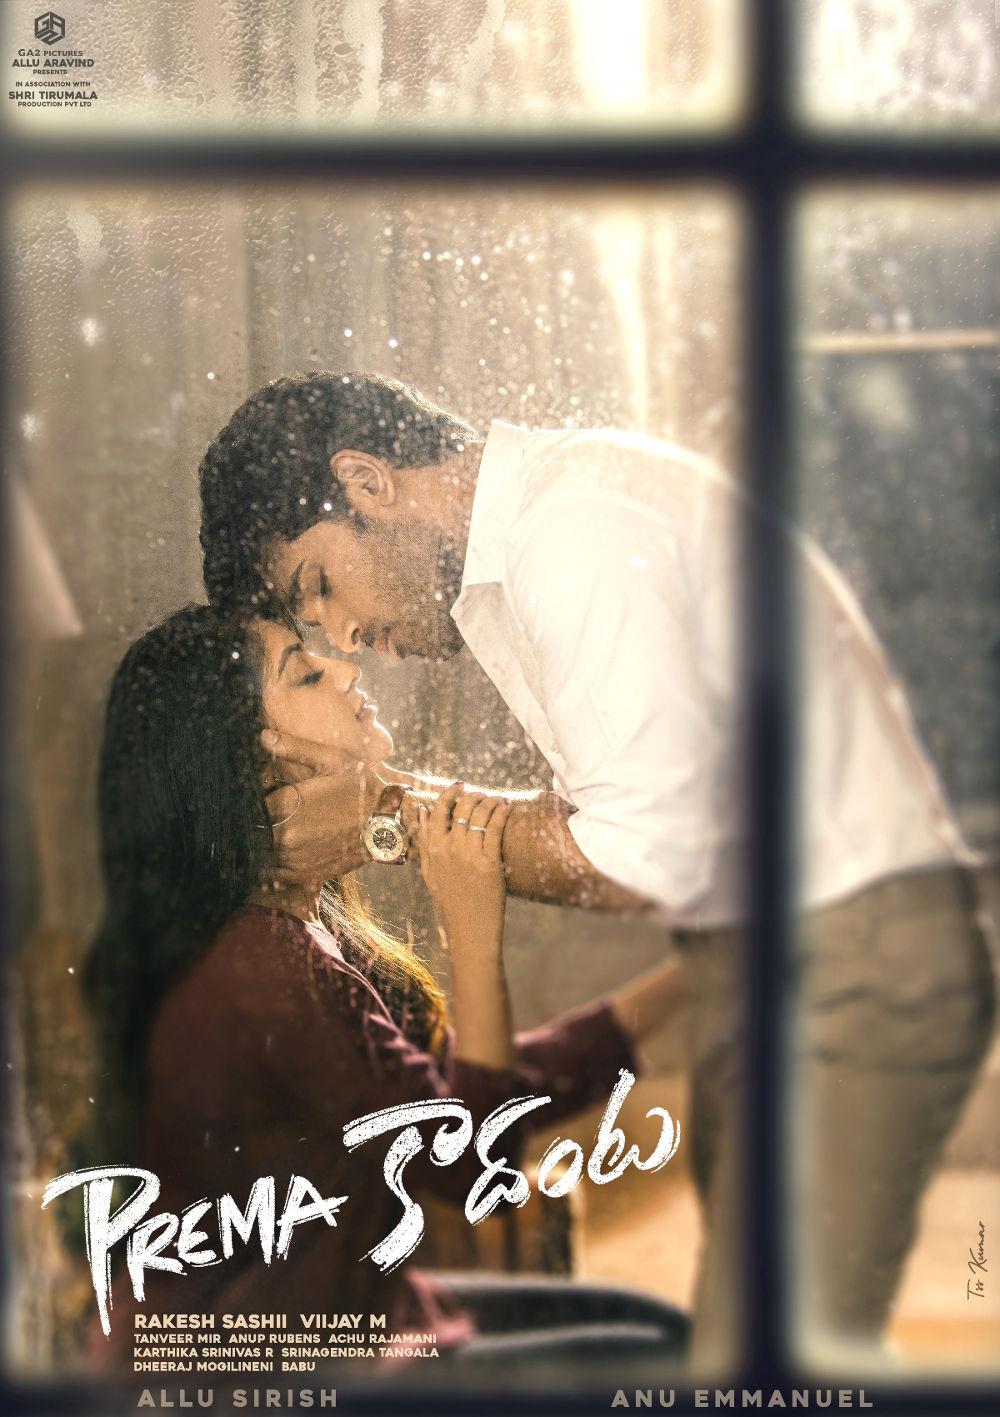 Allu Sirish Anu Emmanuel Prema Kadanta First Look Poster HD